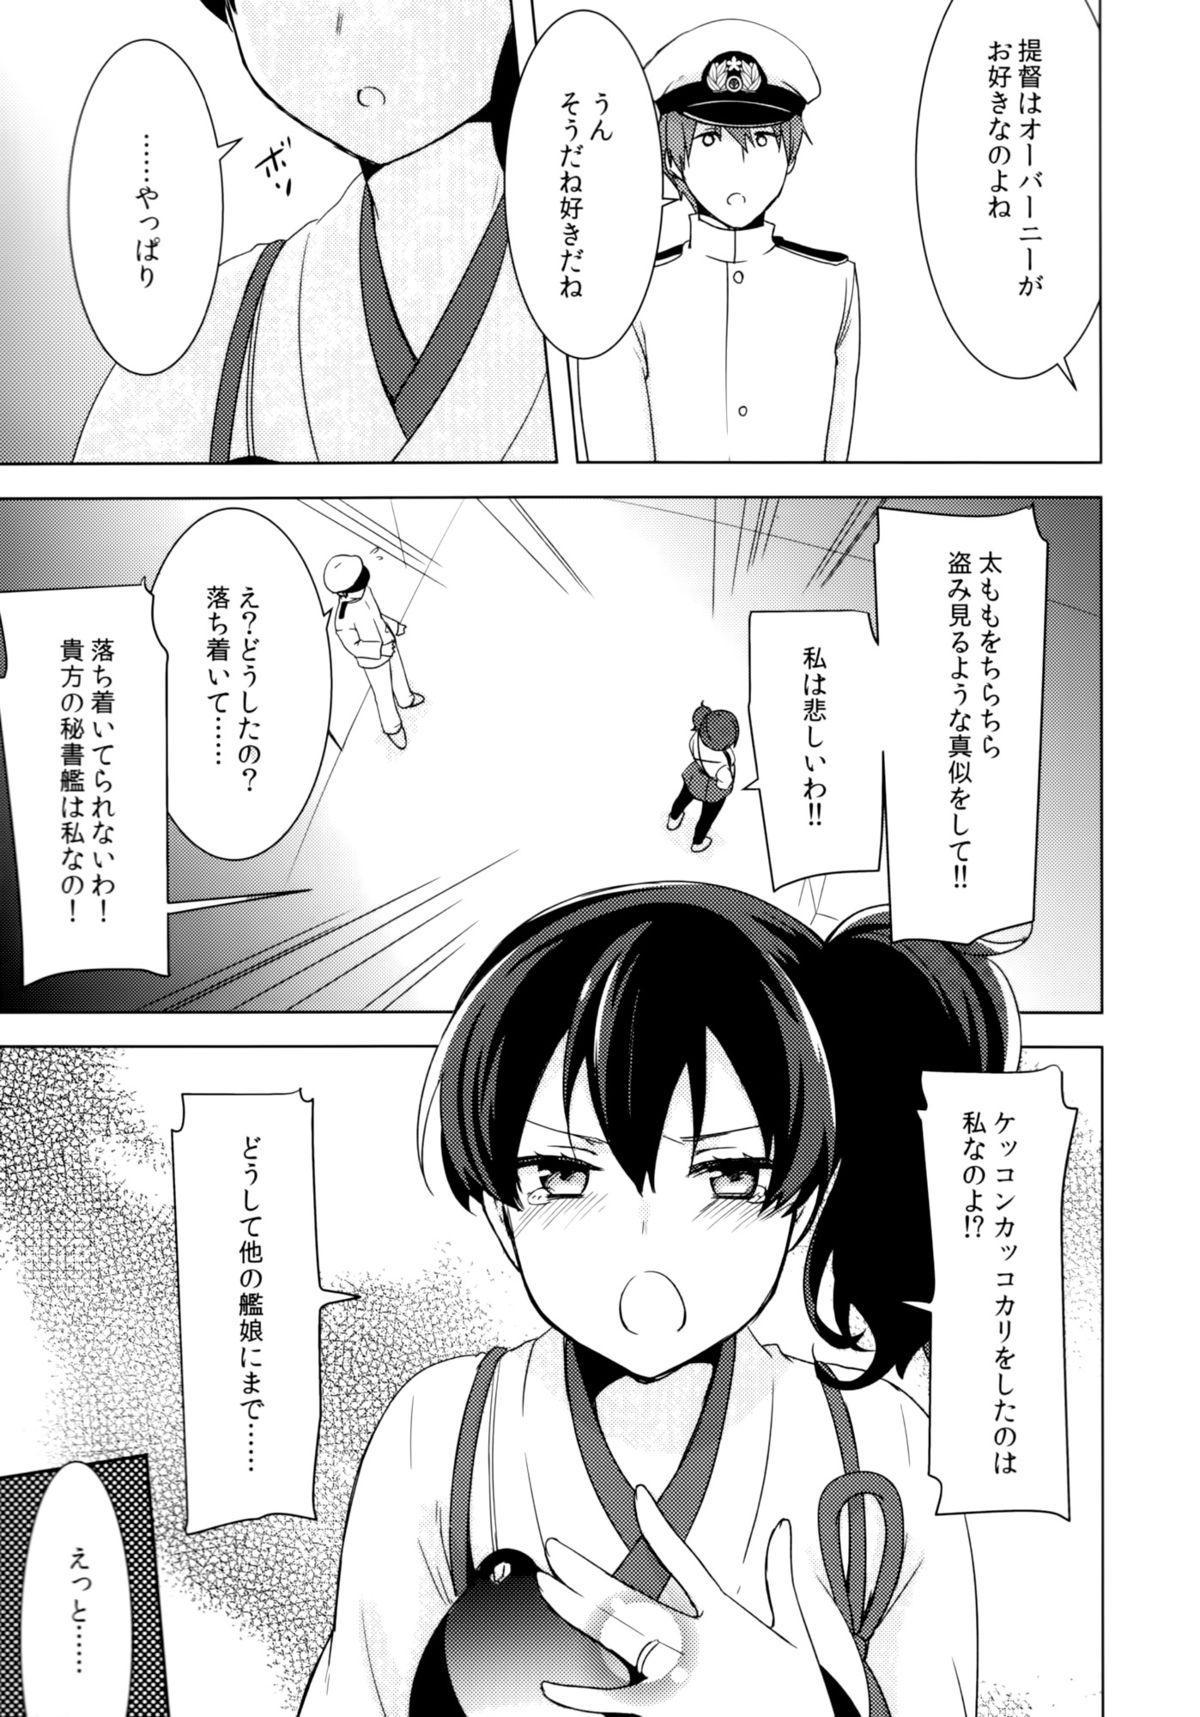 Teitoku no Goshumi 7